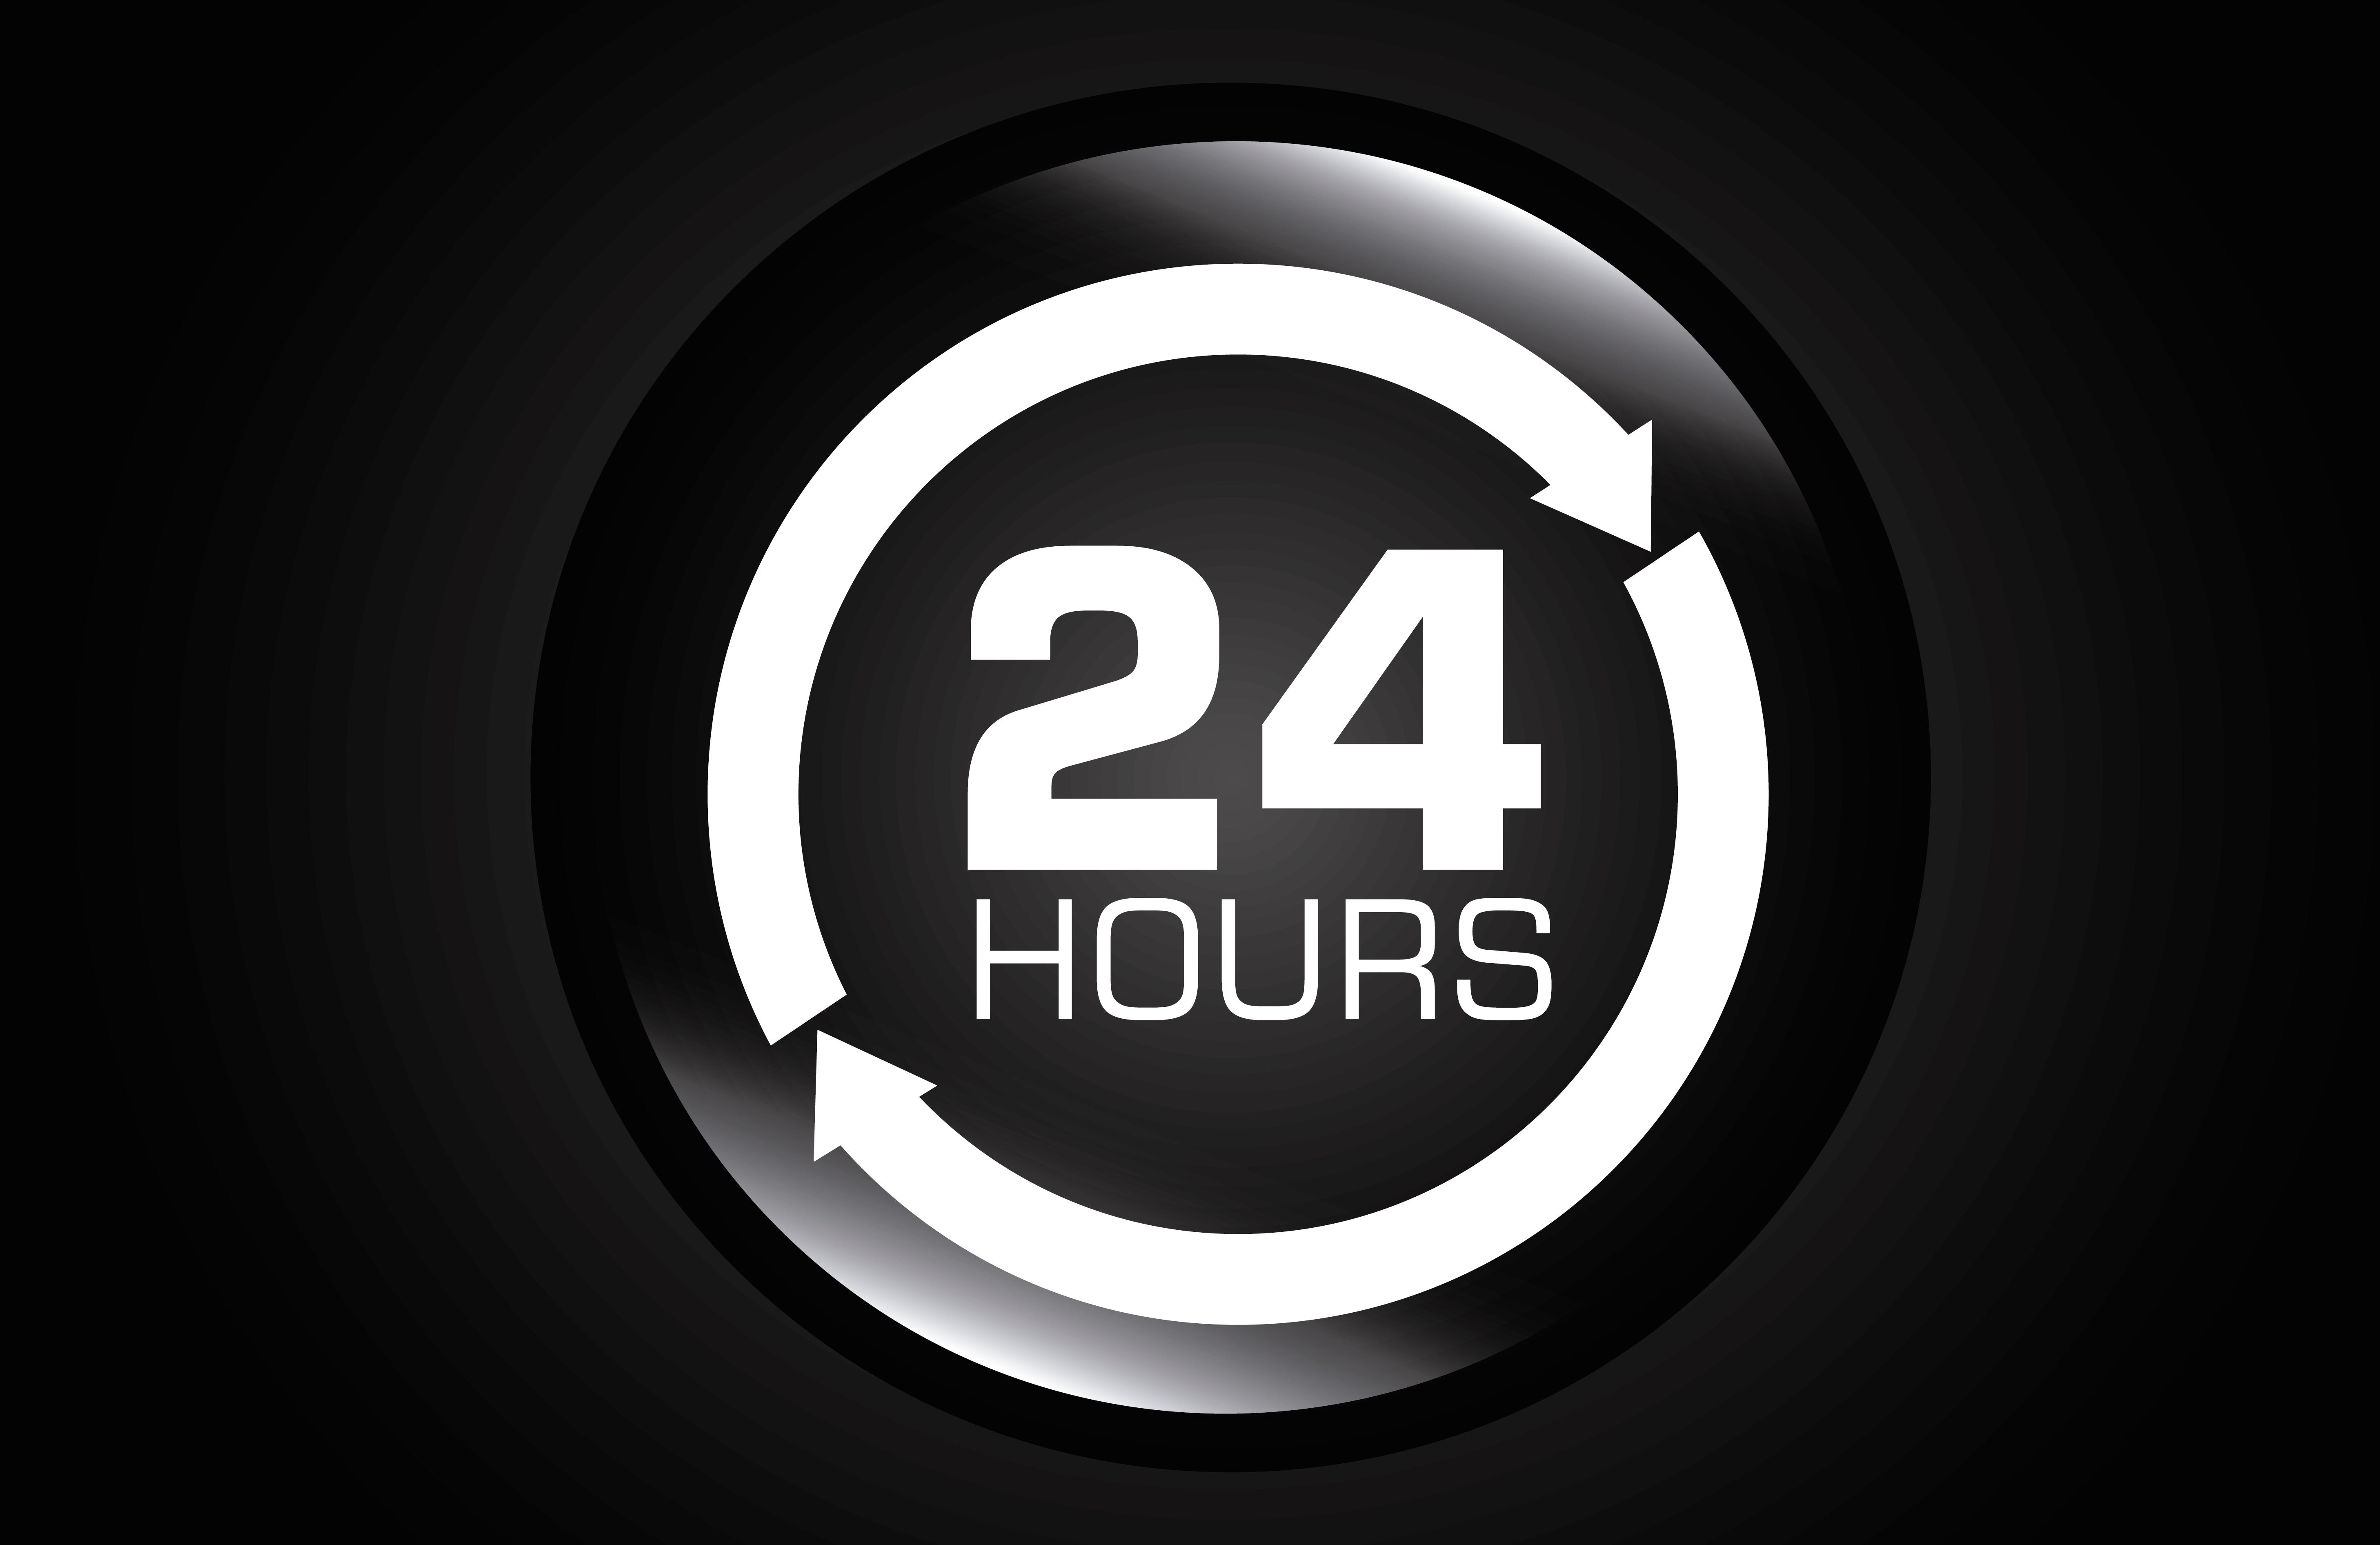 Twenty_four_hours-2